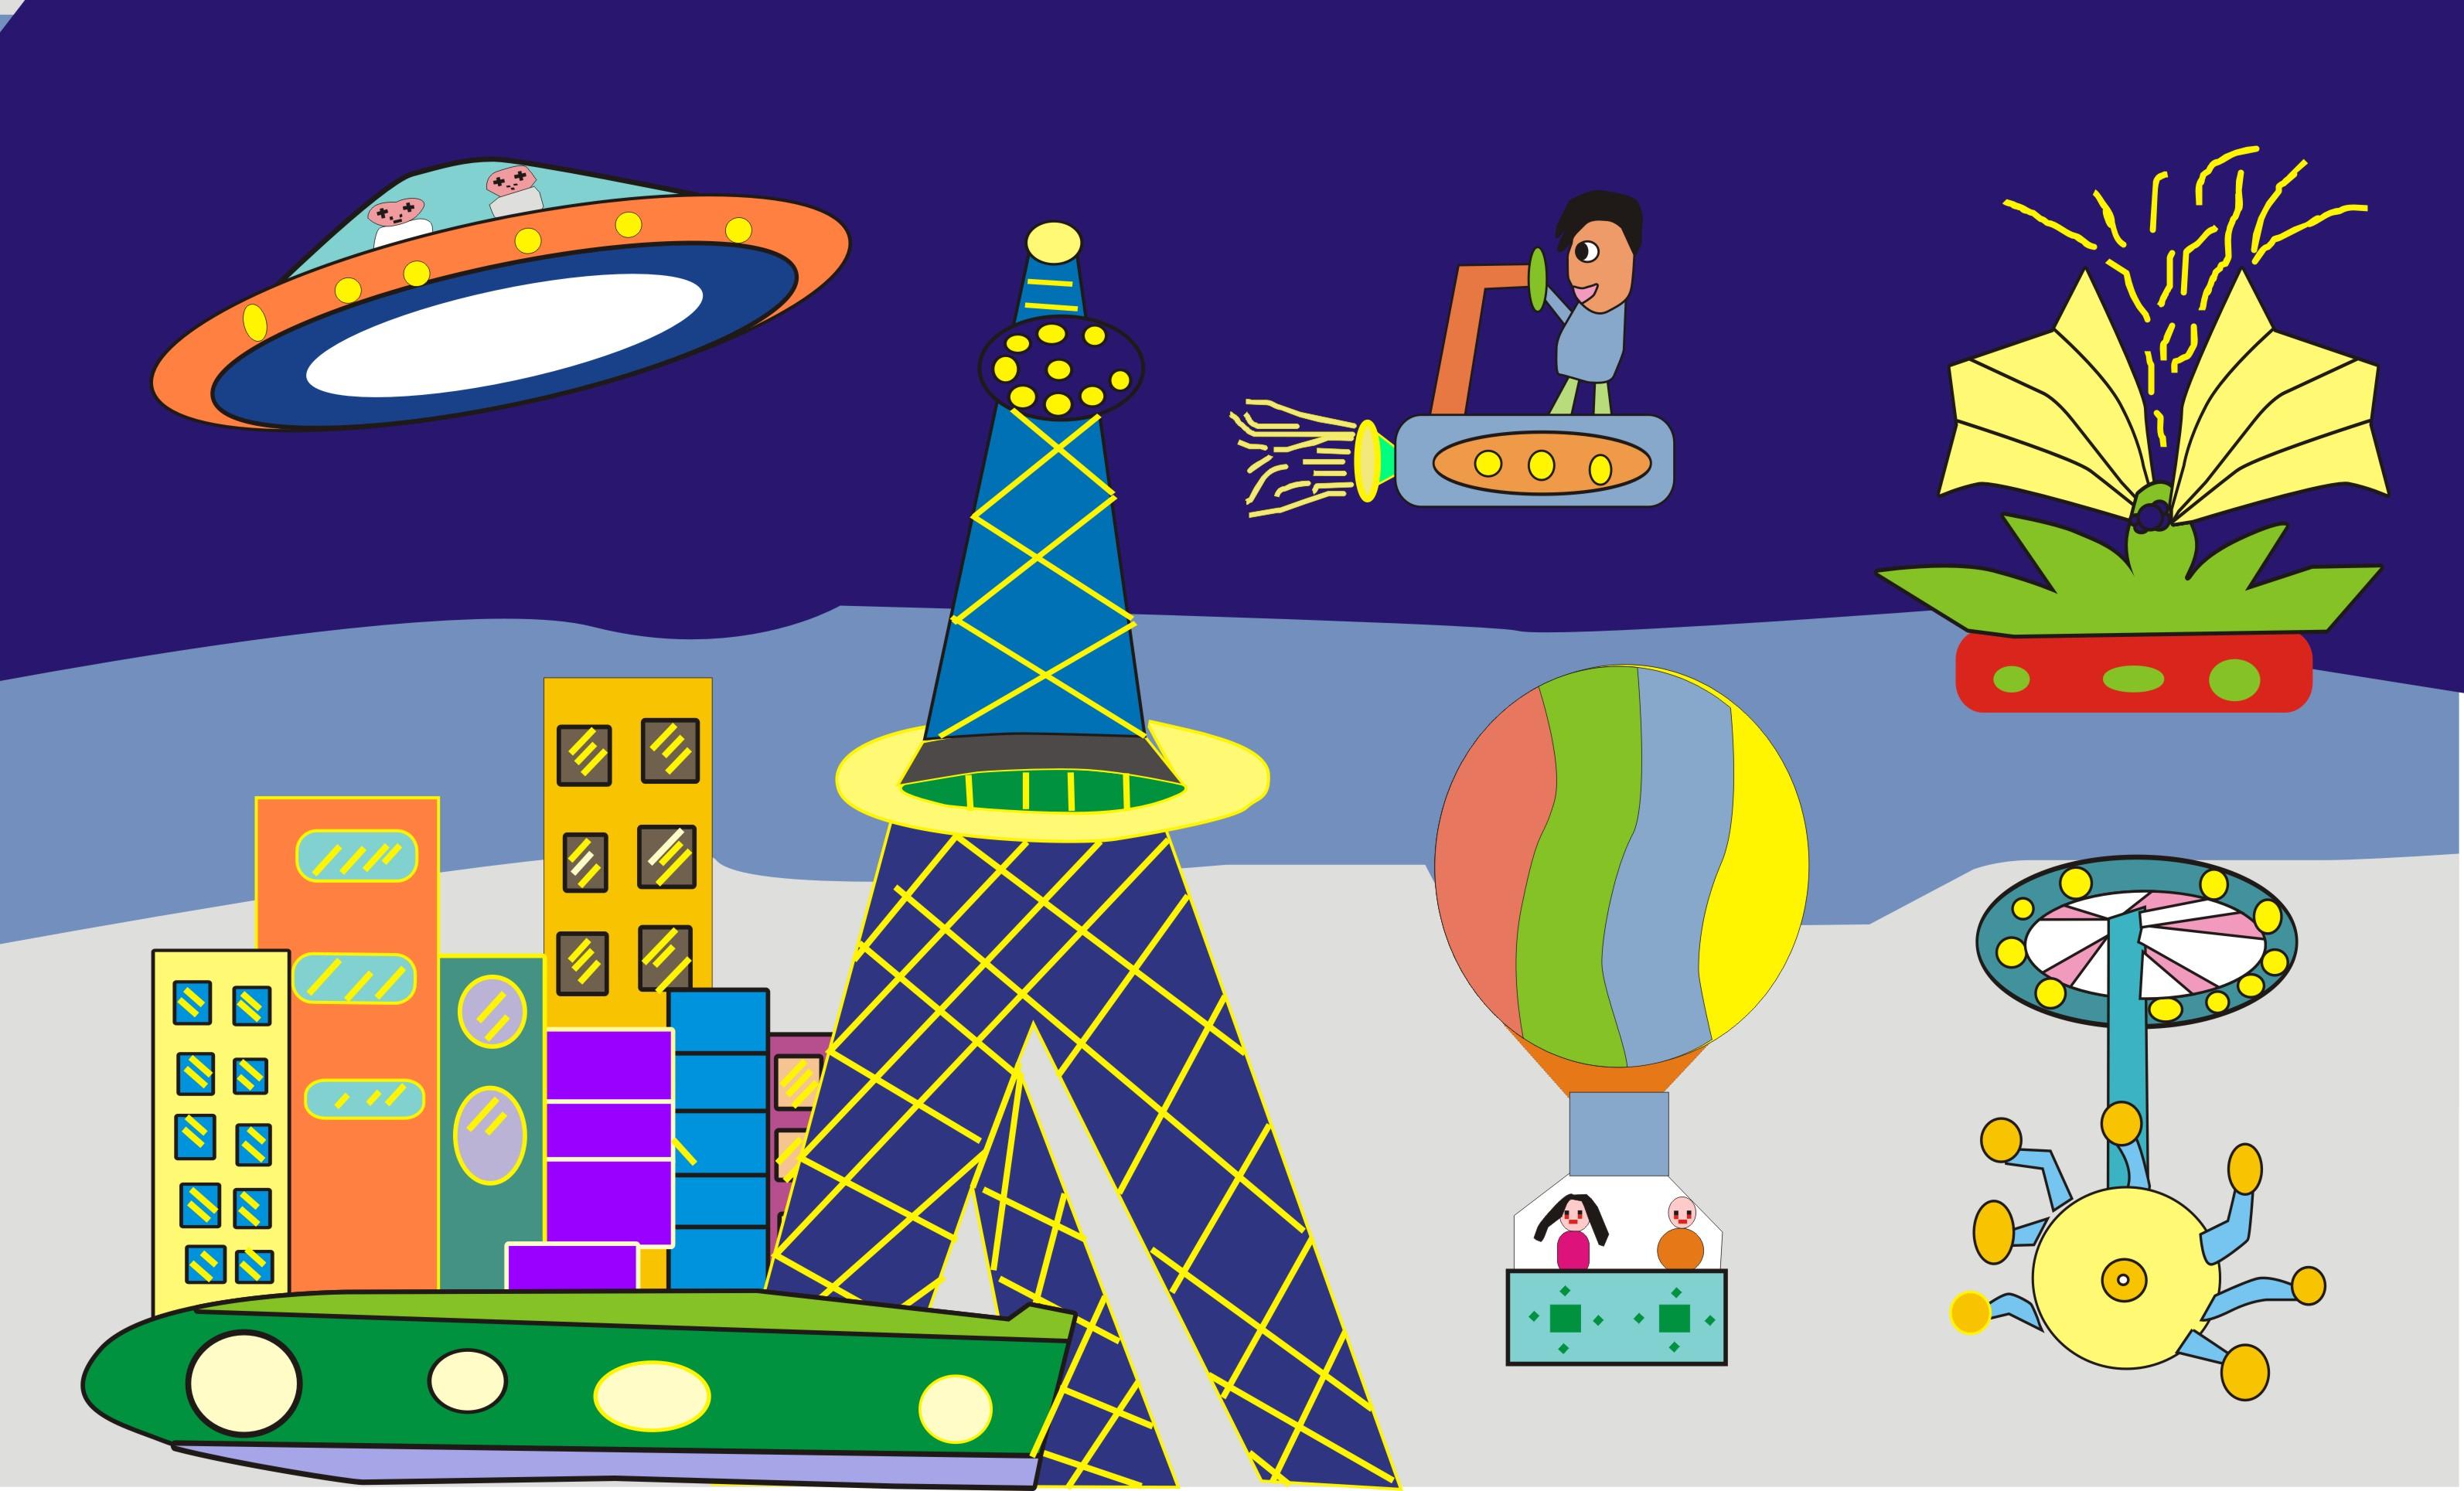 《未来世界》绘画主题优秀作品_黄河新闻网_山西之窗